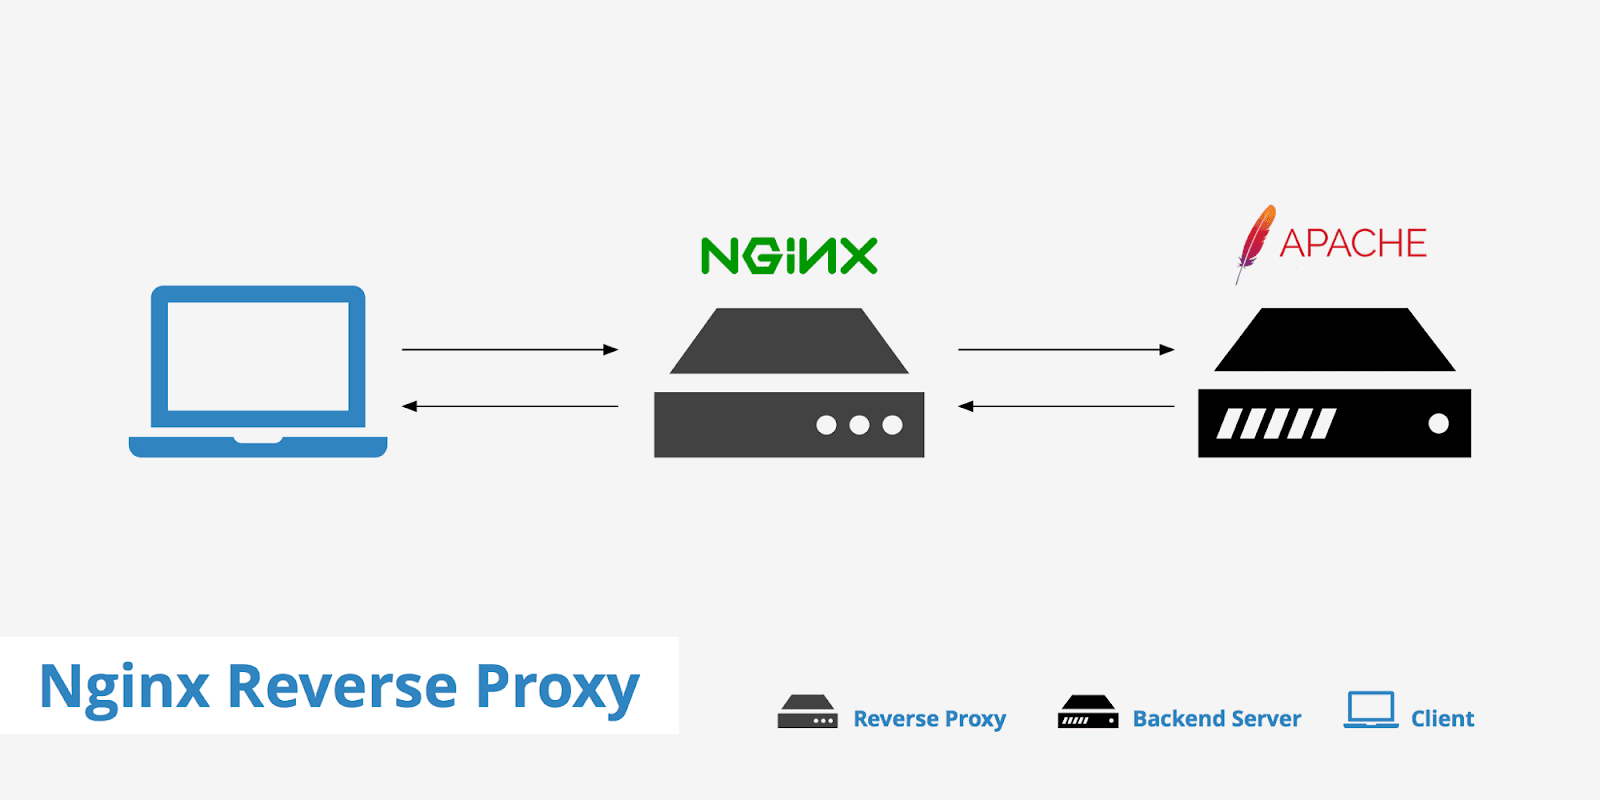 [NGINX] NGINX 리버스 프록시 설정하기